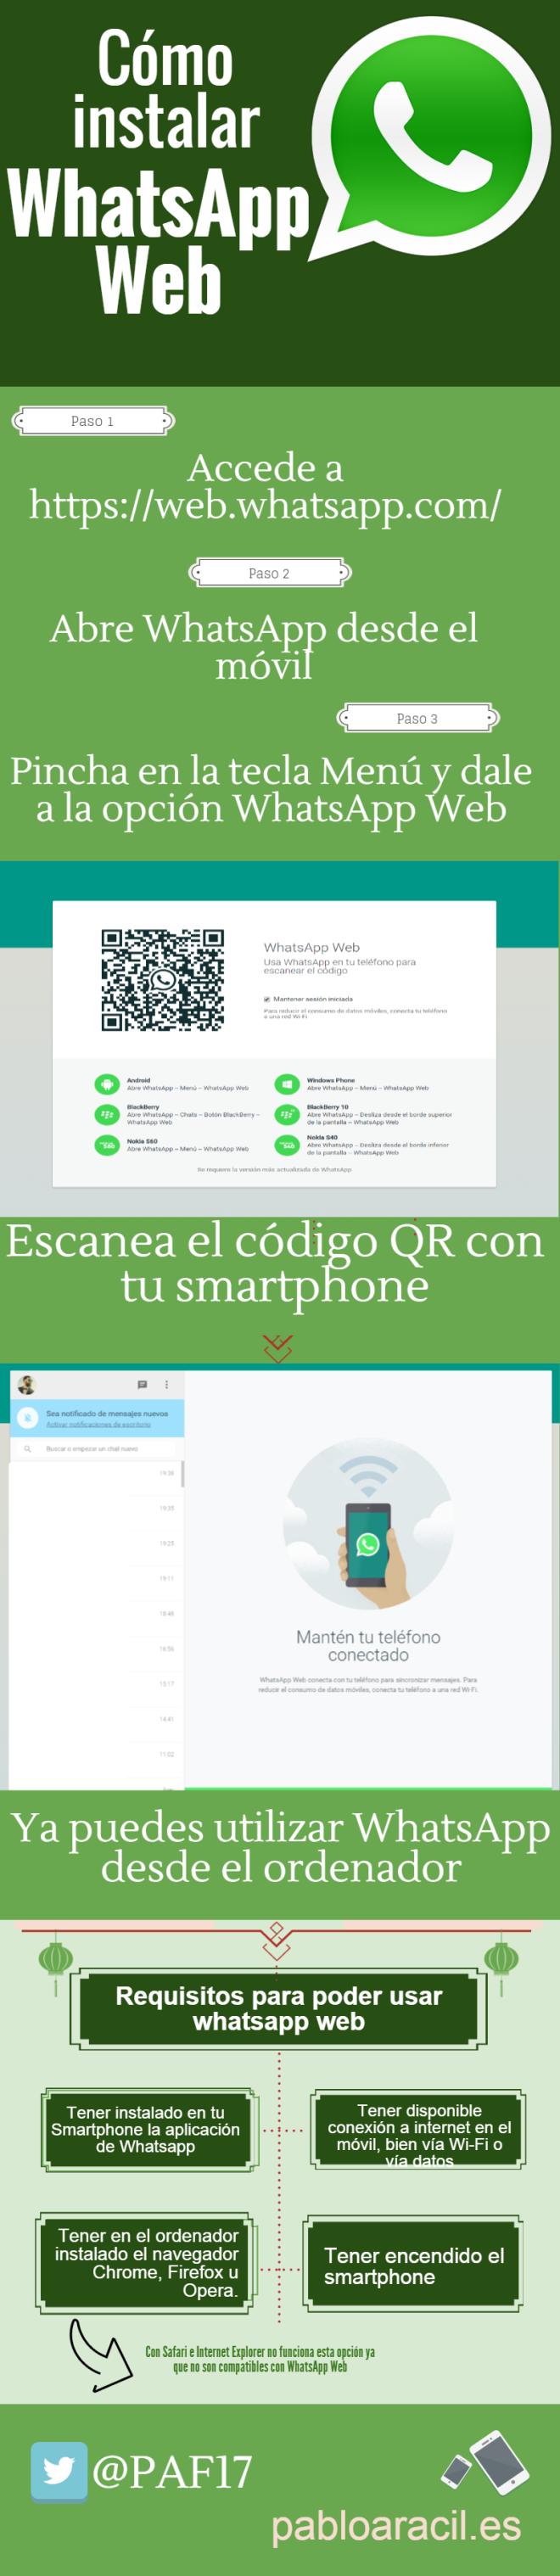 Cómo instalar WhatsApp Web